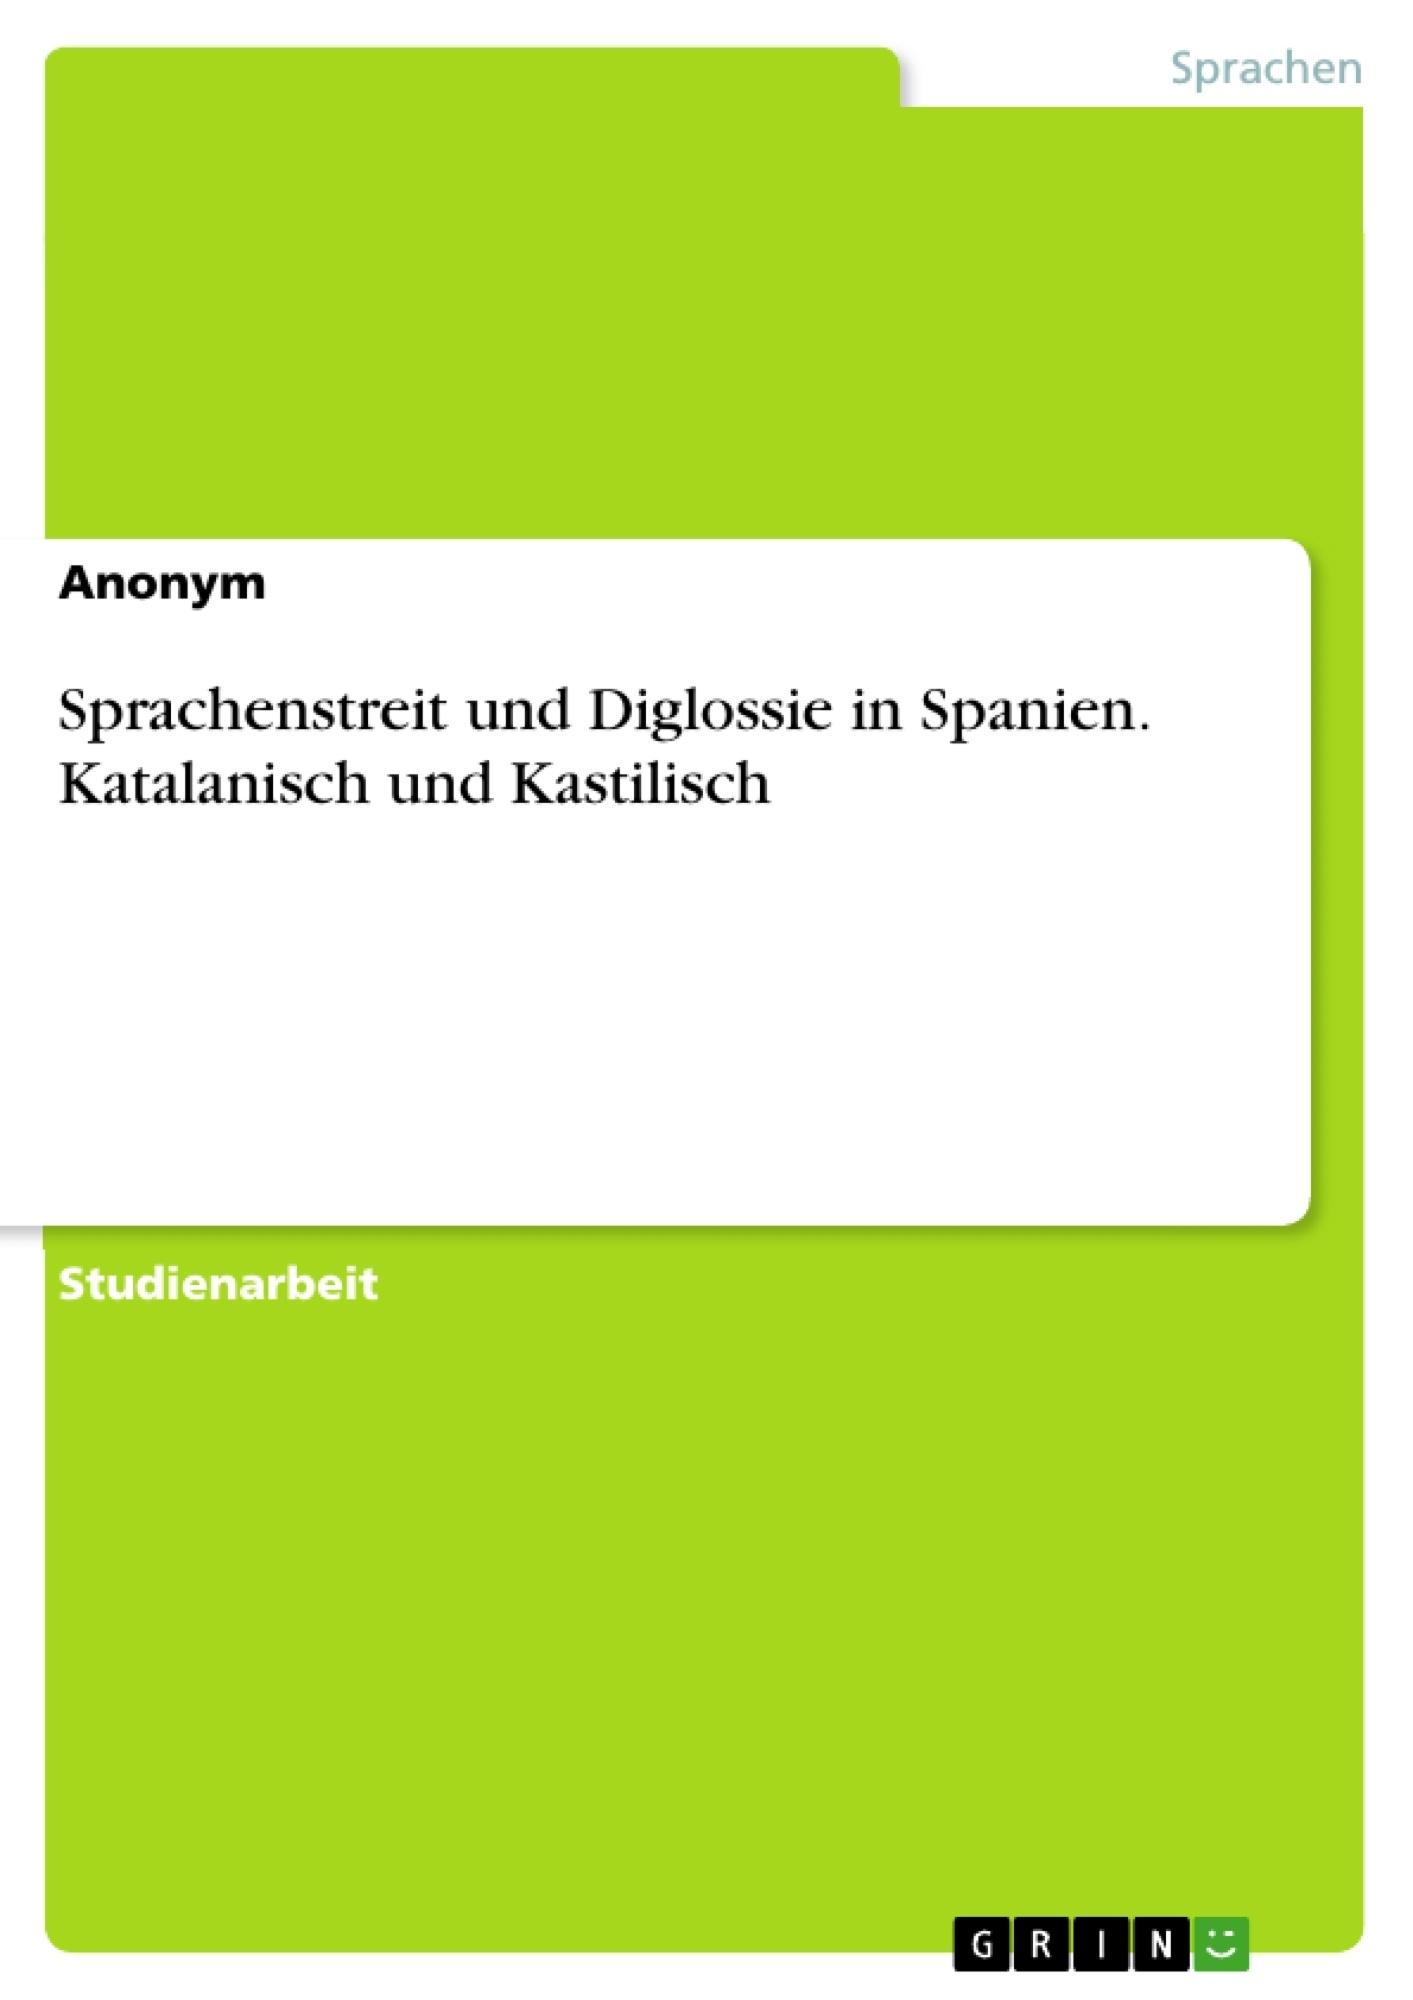 Titel: Sprachenstreit und Diglossie in Spanien. Katalanisch und Kastilisch